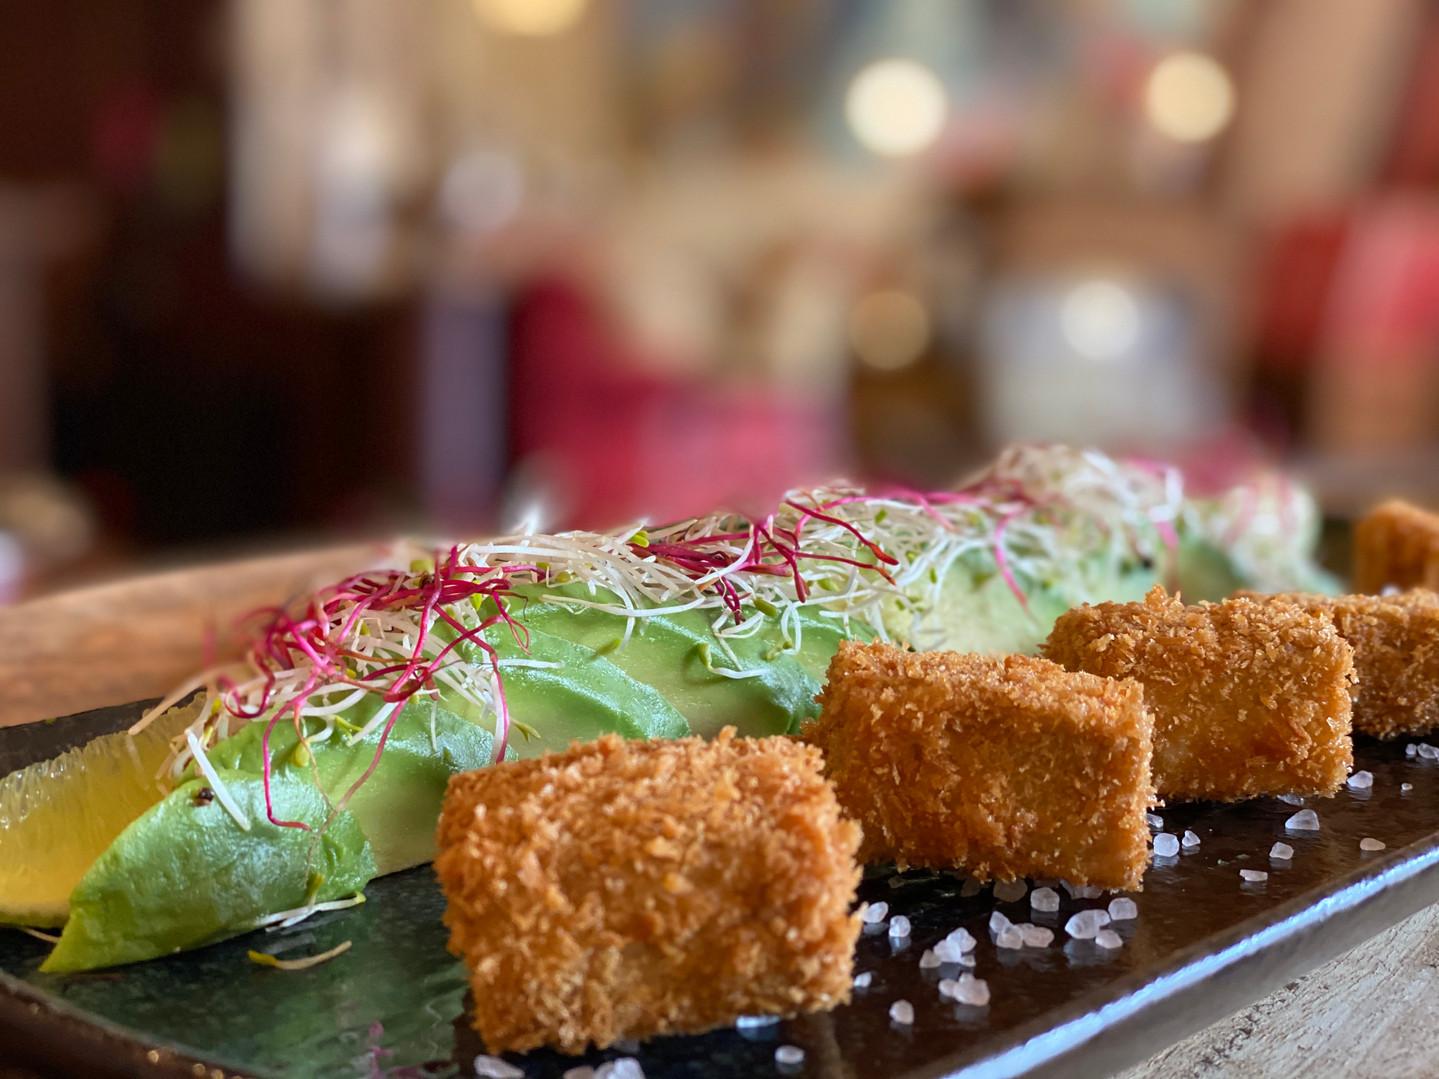 Überbackener Tofu im Hotel Wegner - the culinary art hotel